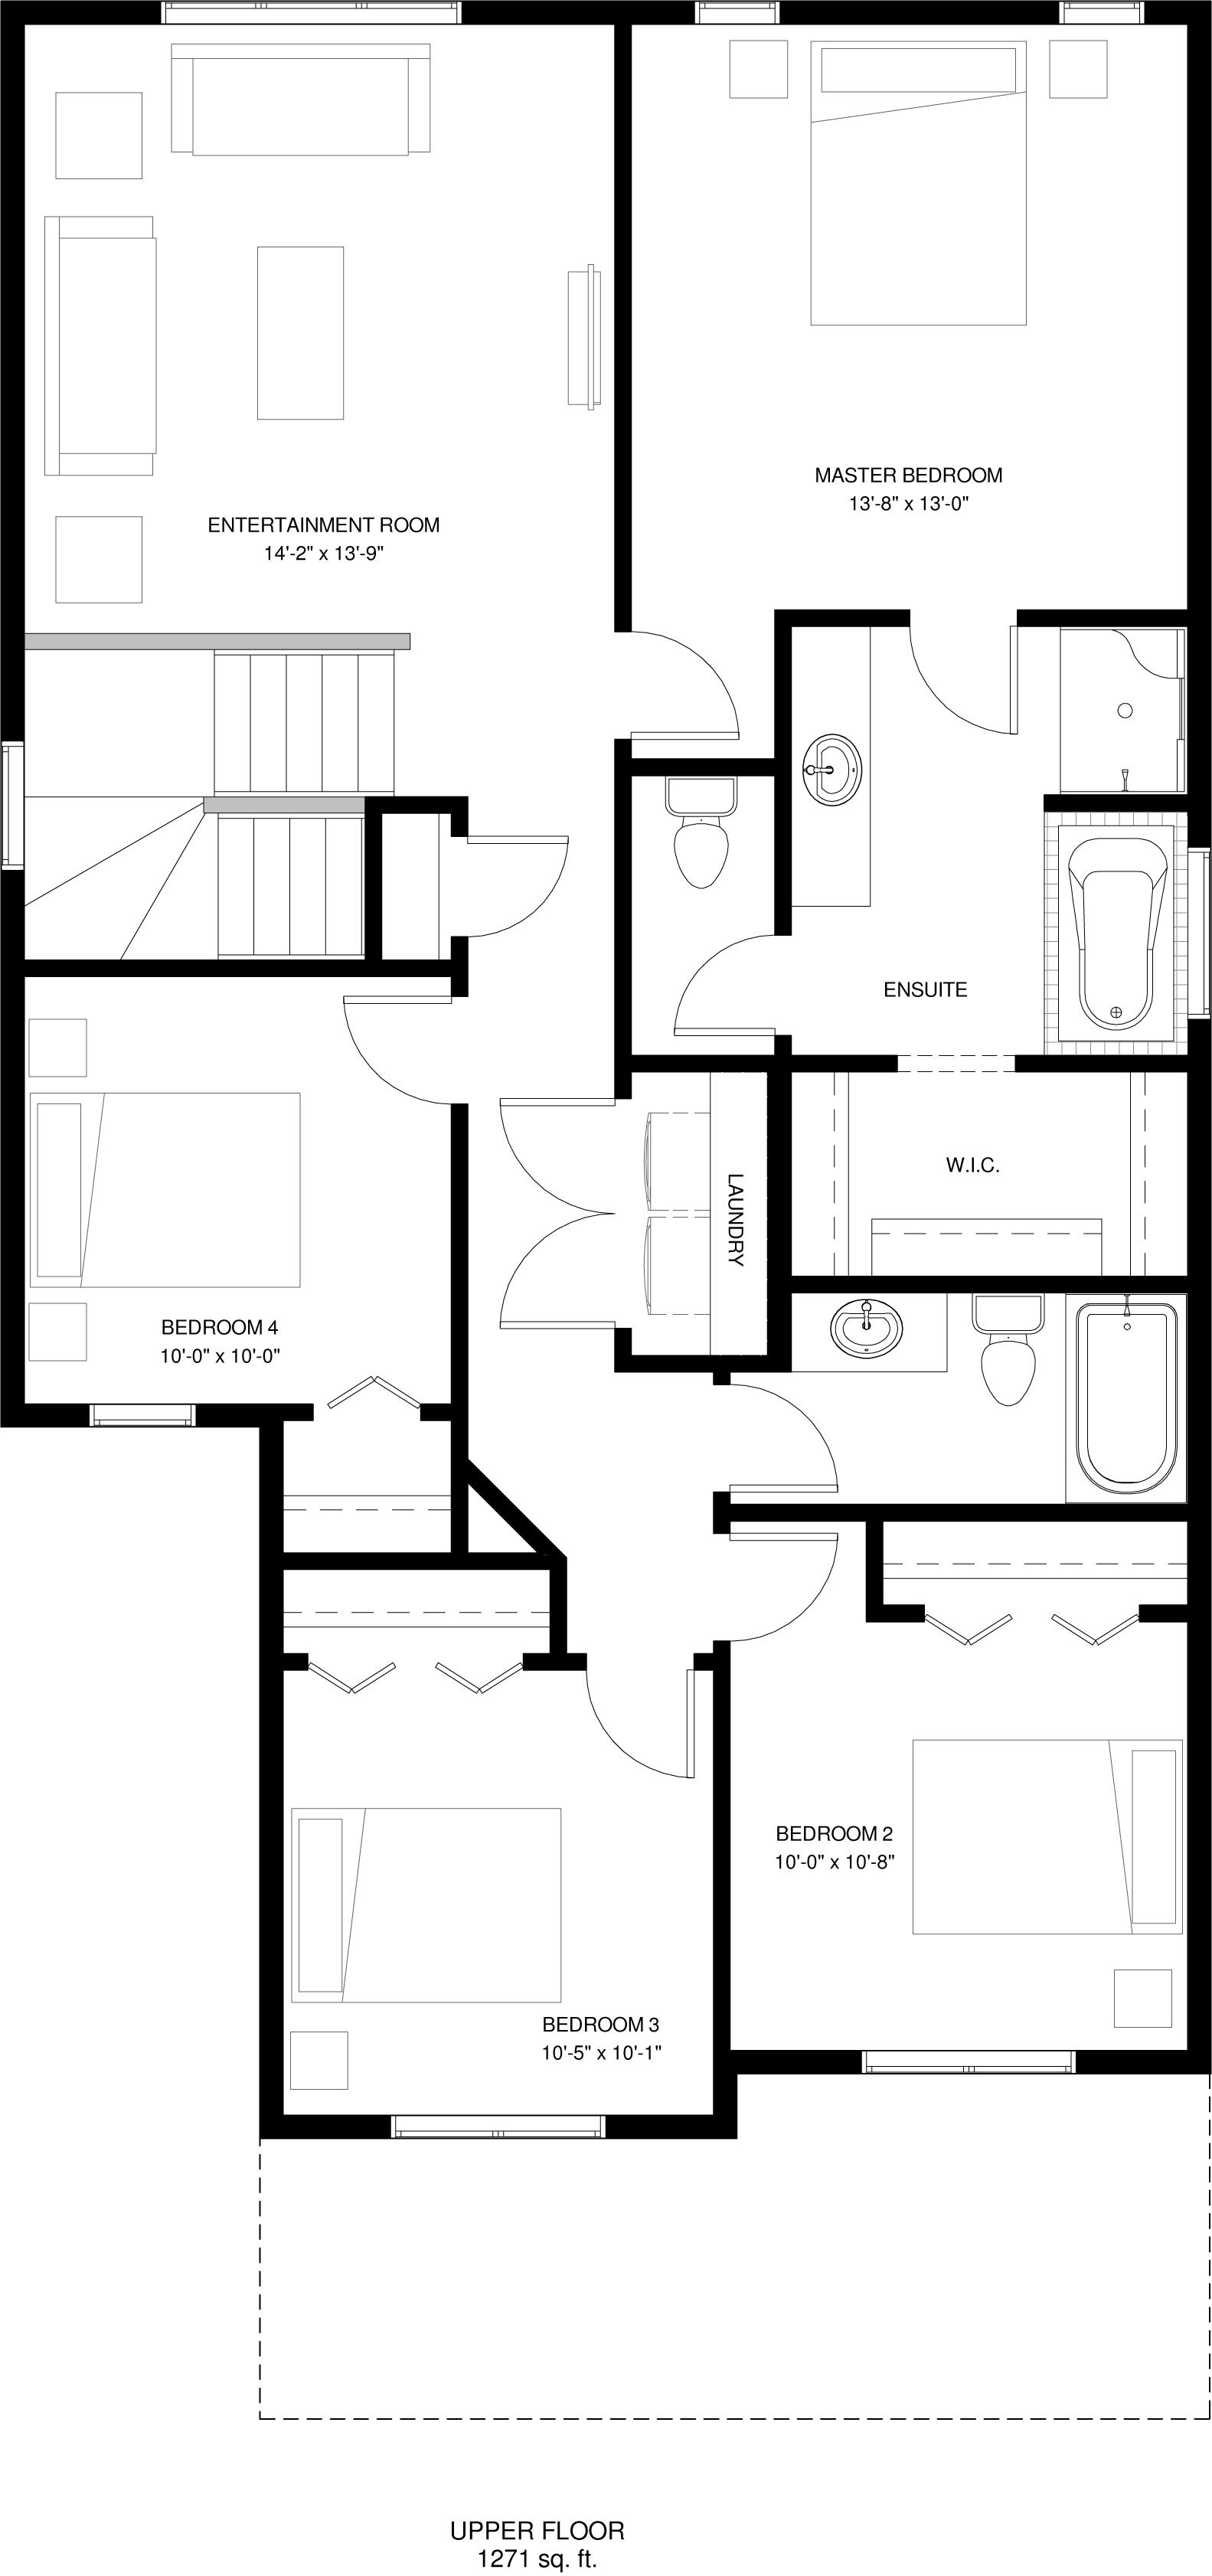 Upper Floor   1271 sq ft